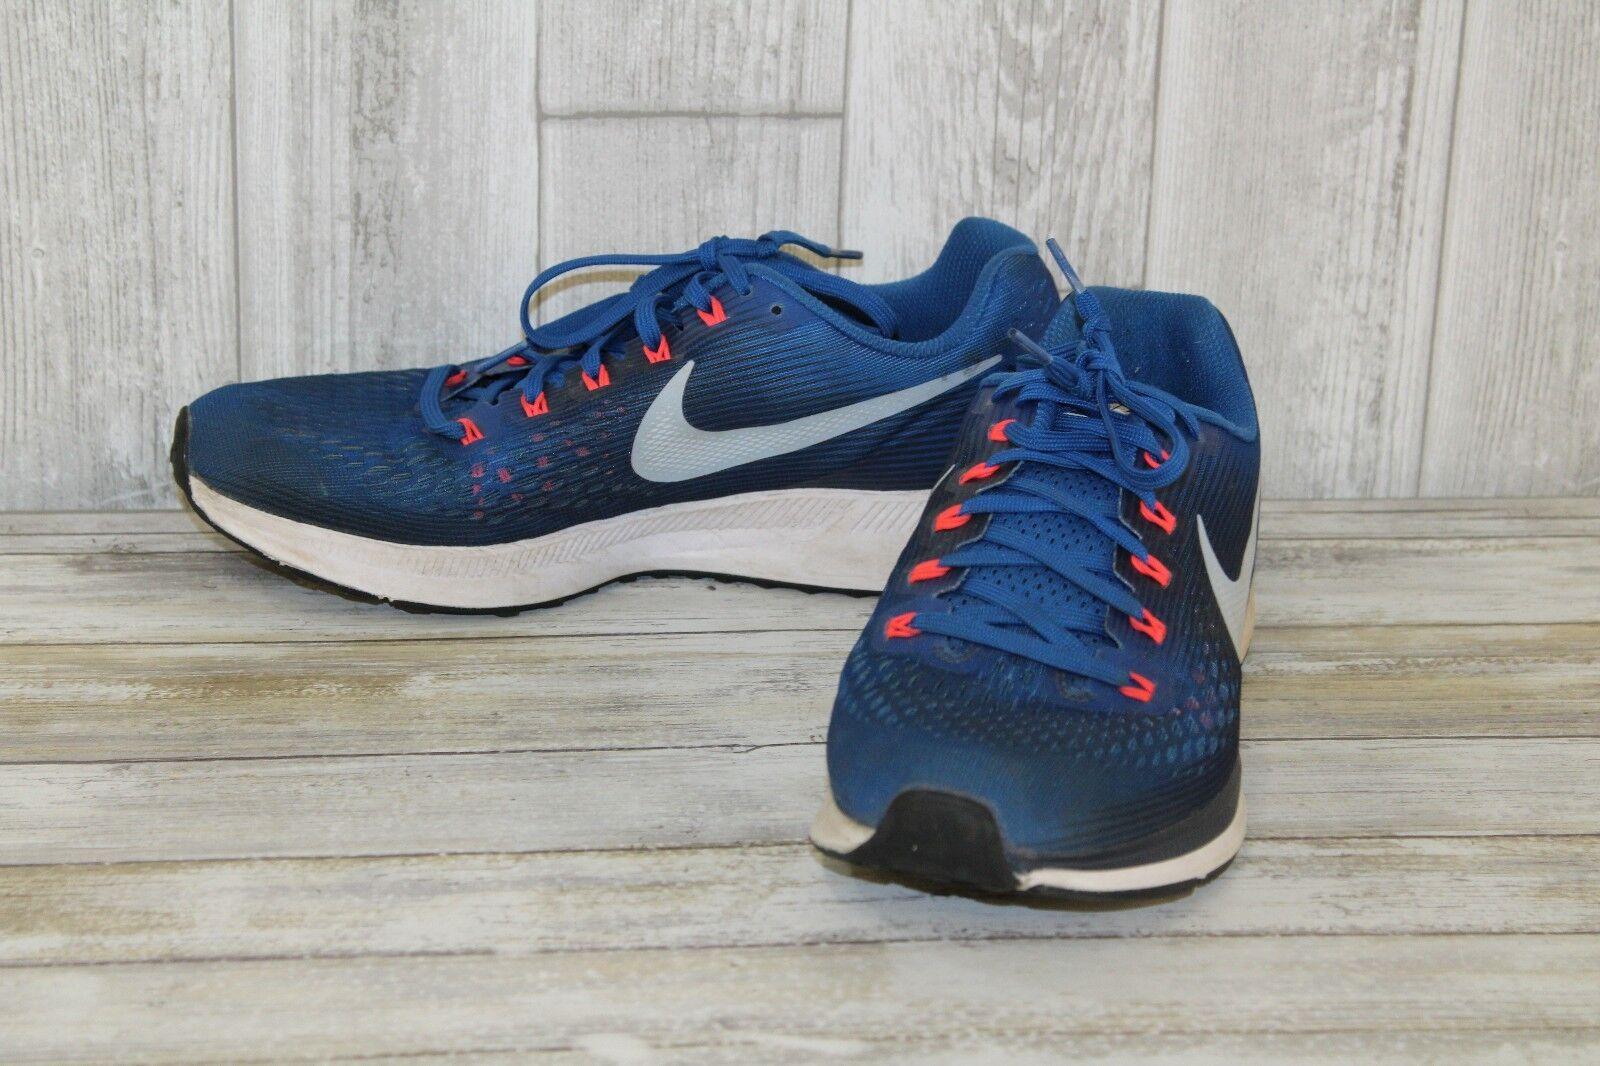 on sale 0473d 3d9f8 Nike Air Zoom Pegasus 34 34 34 Athletic Shoes - Men's Size ...